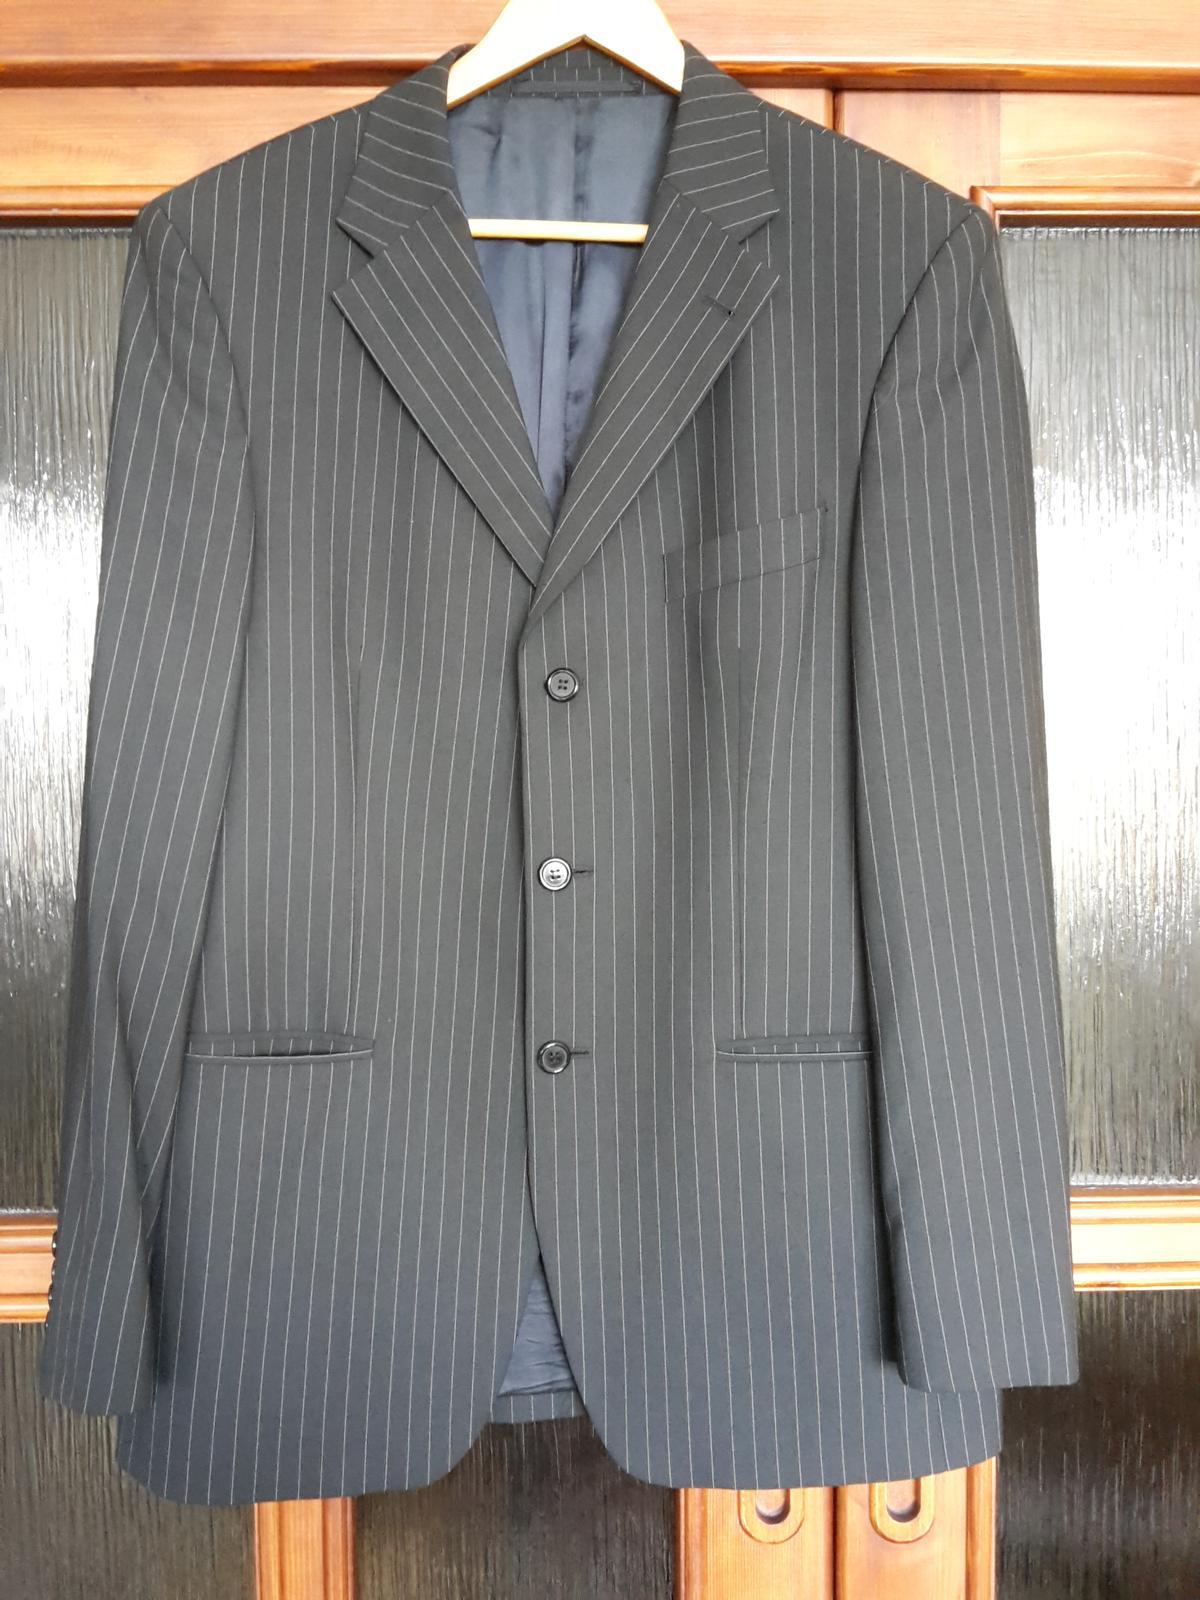 Pansky oblek OZETA - Obrázok č. 1